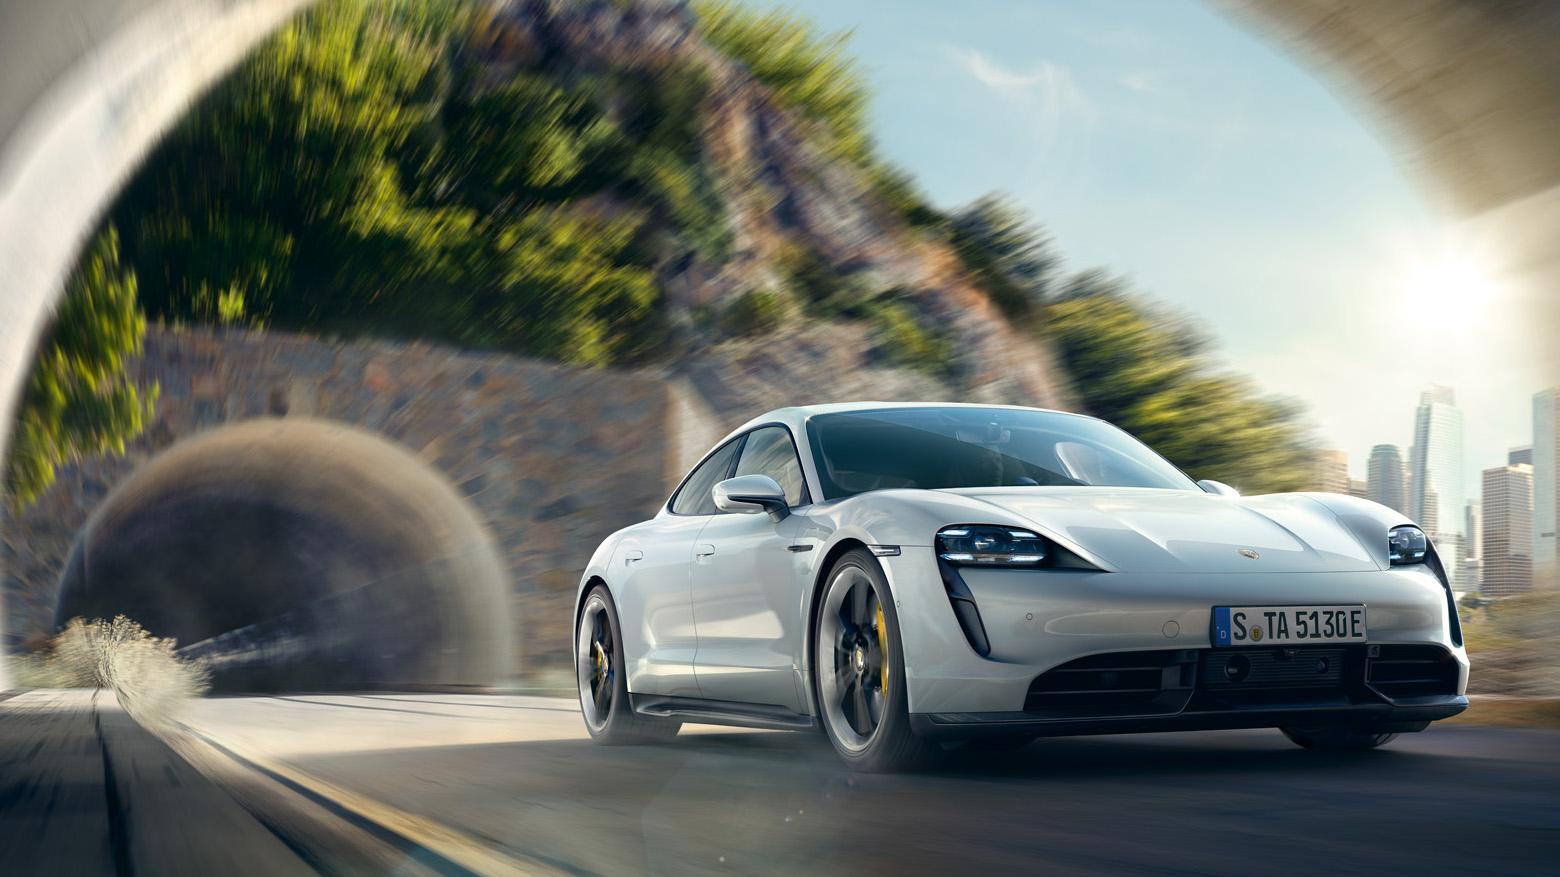 【影】Porsche Taycan 從祖文豪森到你手中的「綠色長征」